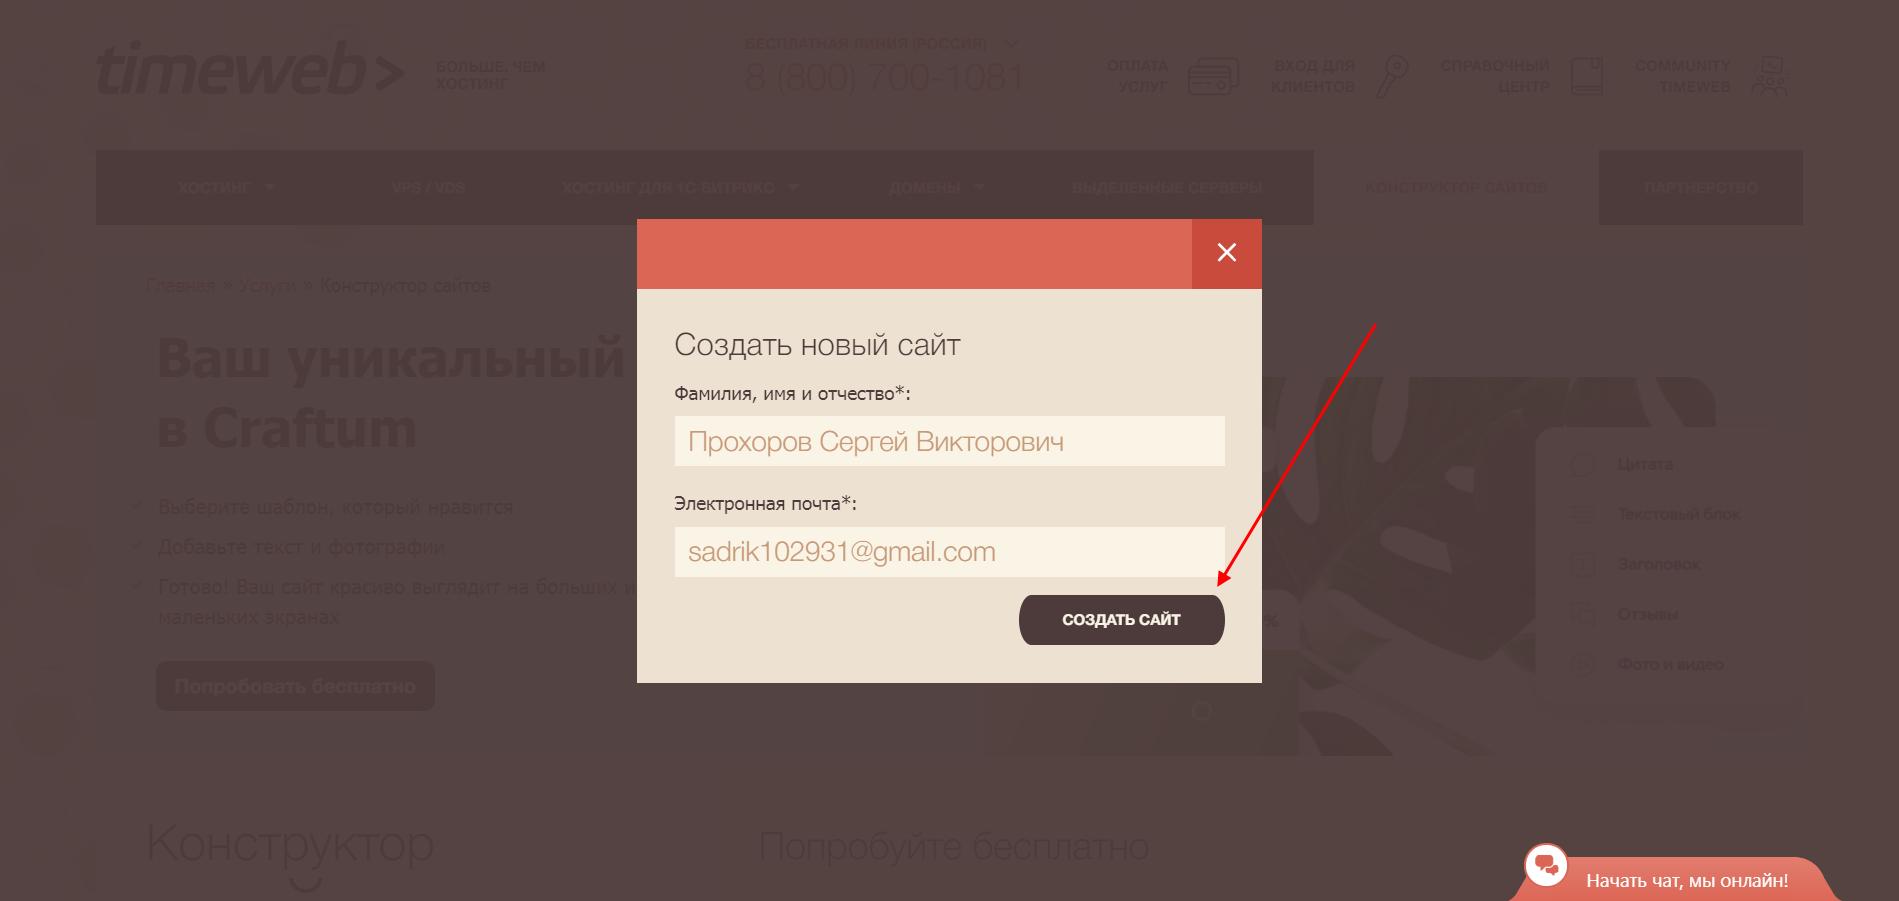 Регистрация в конструкторе Craftum